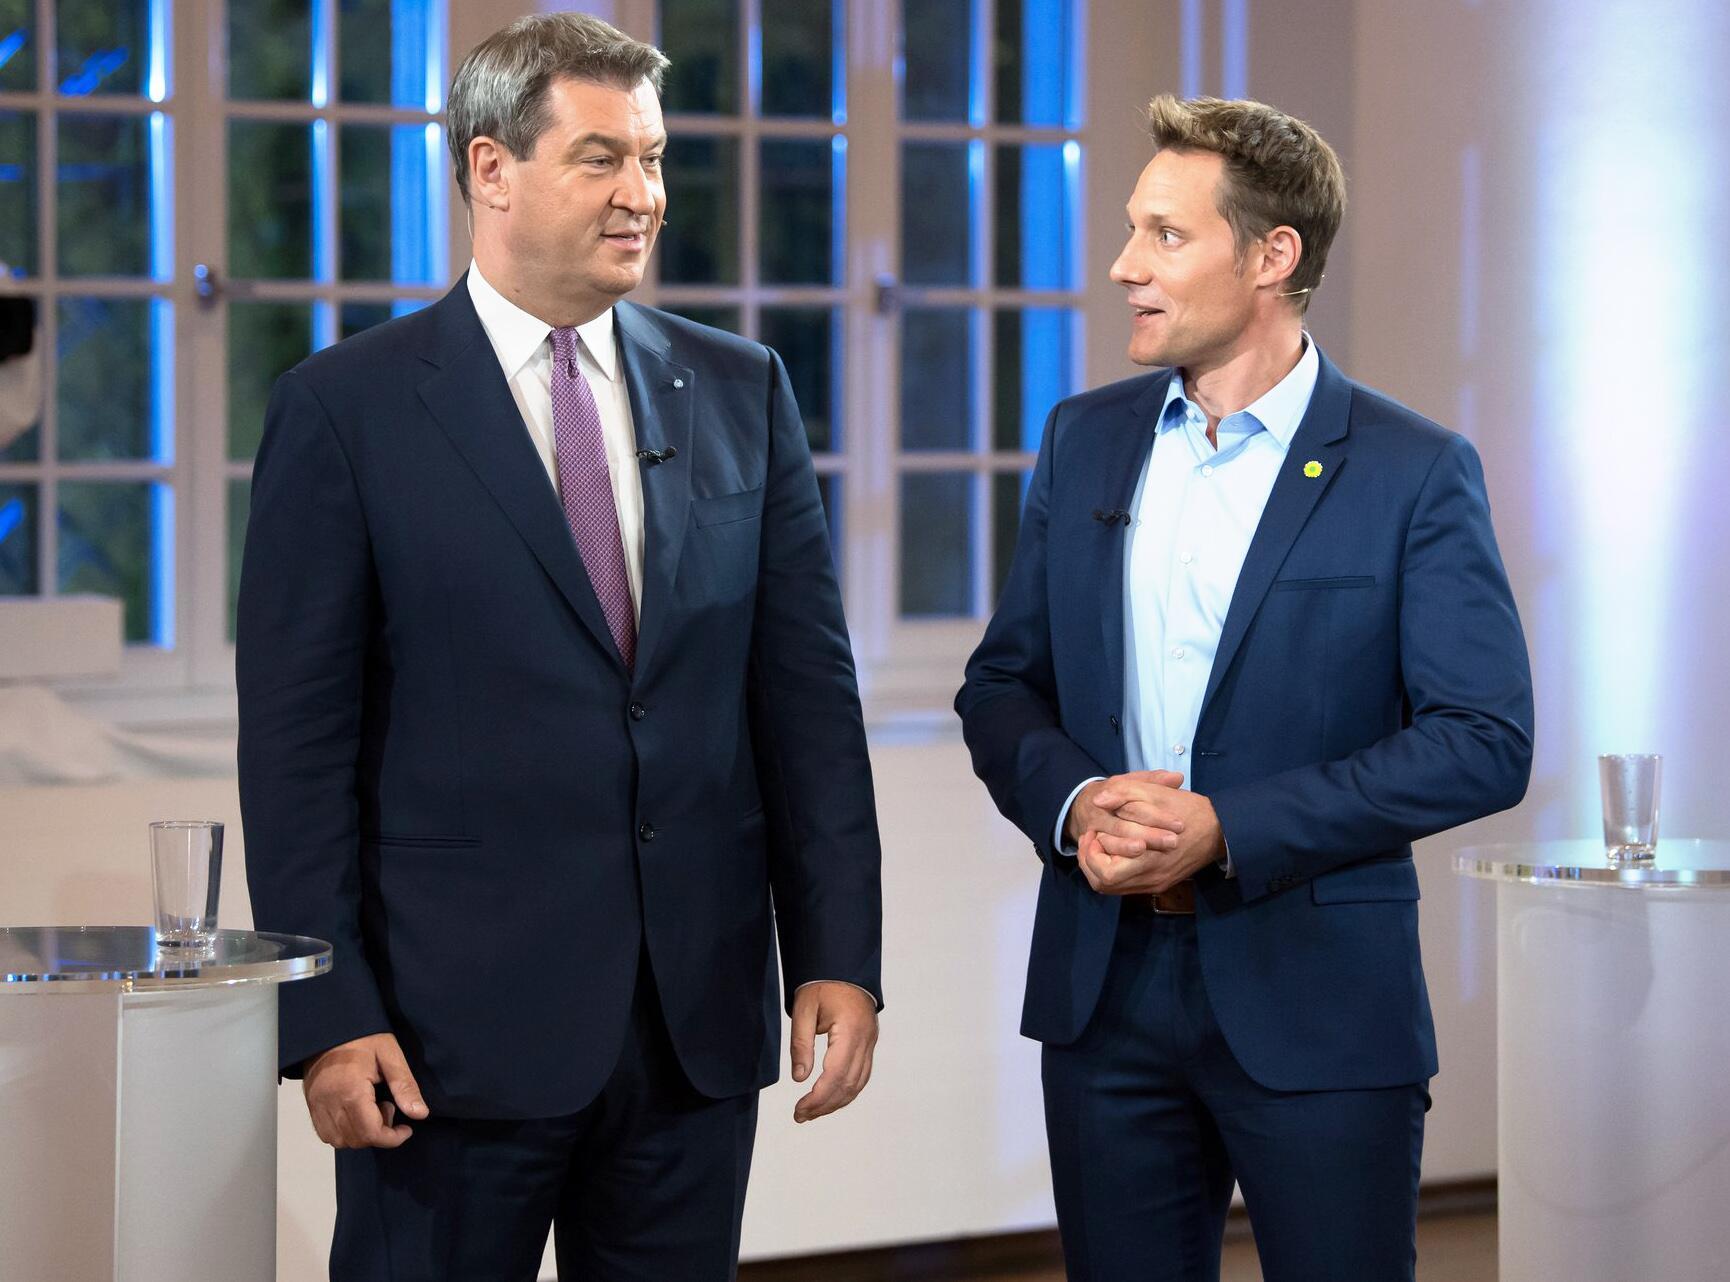 bild zu tv duell zur landtagswahl markus sder ludwig hartmann - Markus Soder Lebenslauf